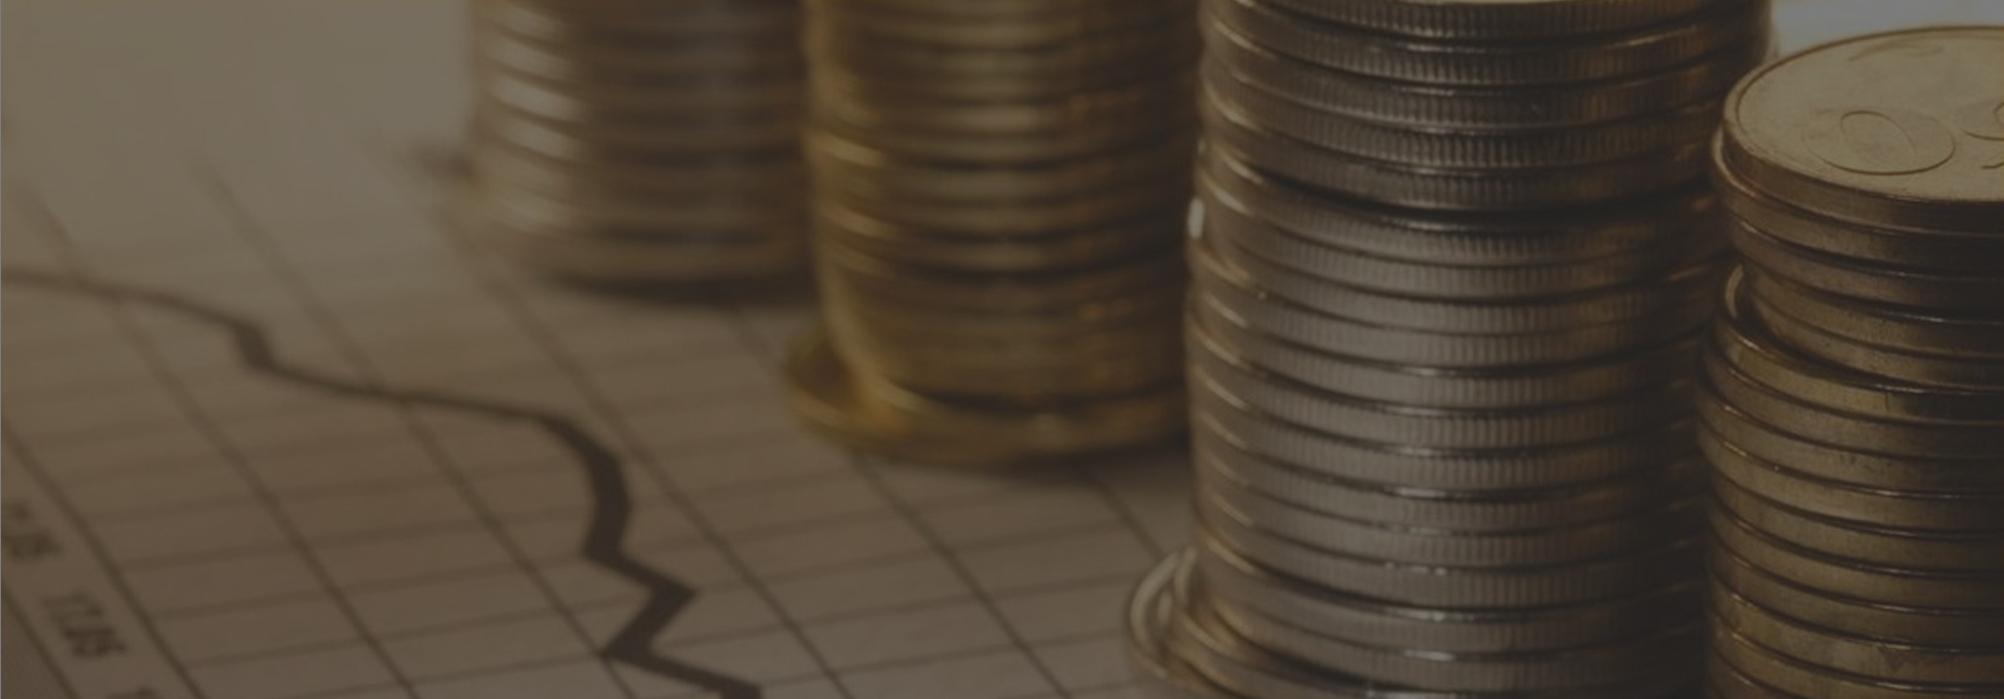 Ведущие мировые Центробанки провели словесные интервенции для поддержки рынков.